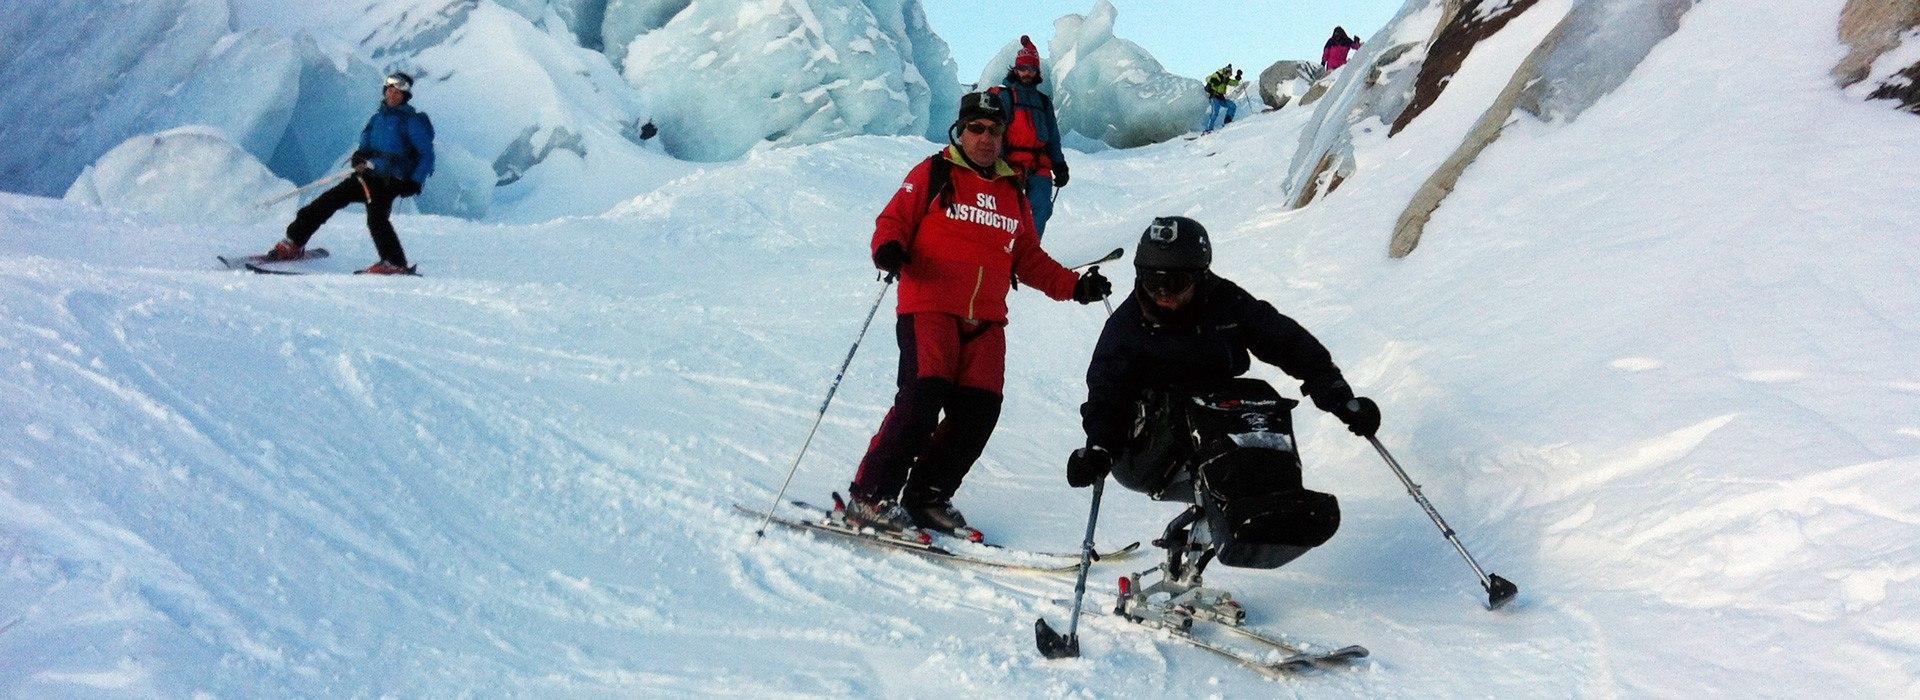 slider-ski